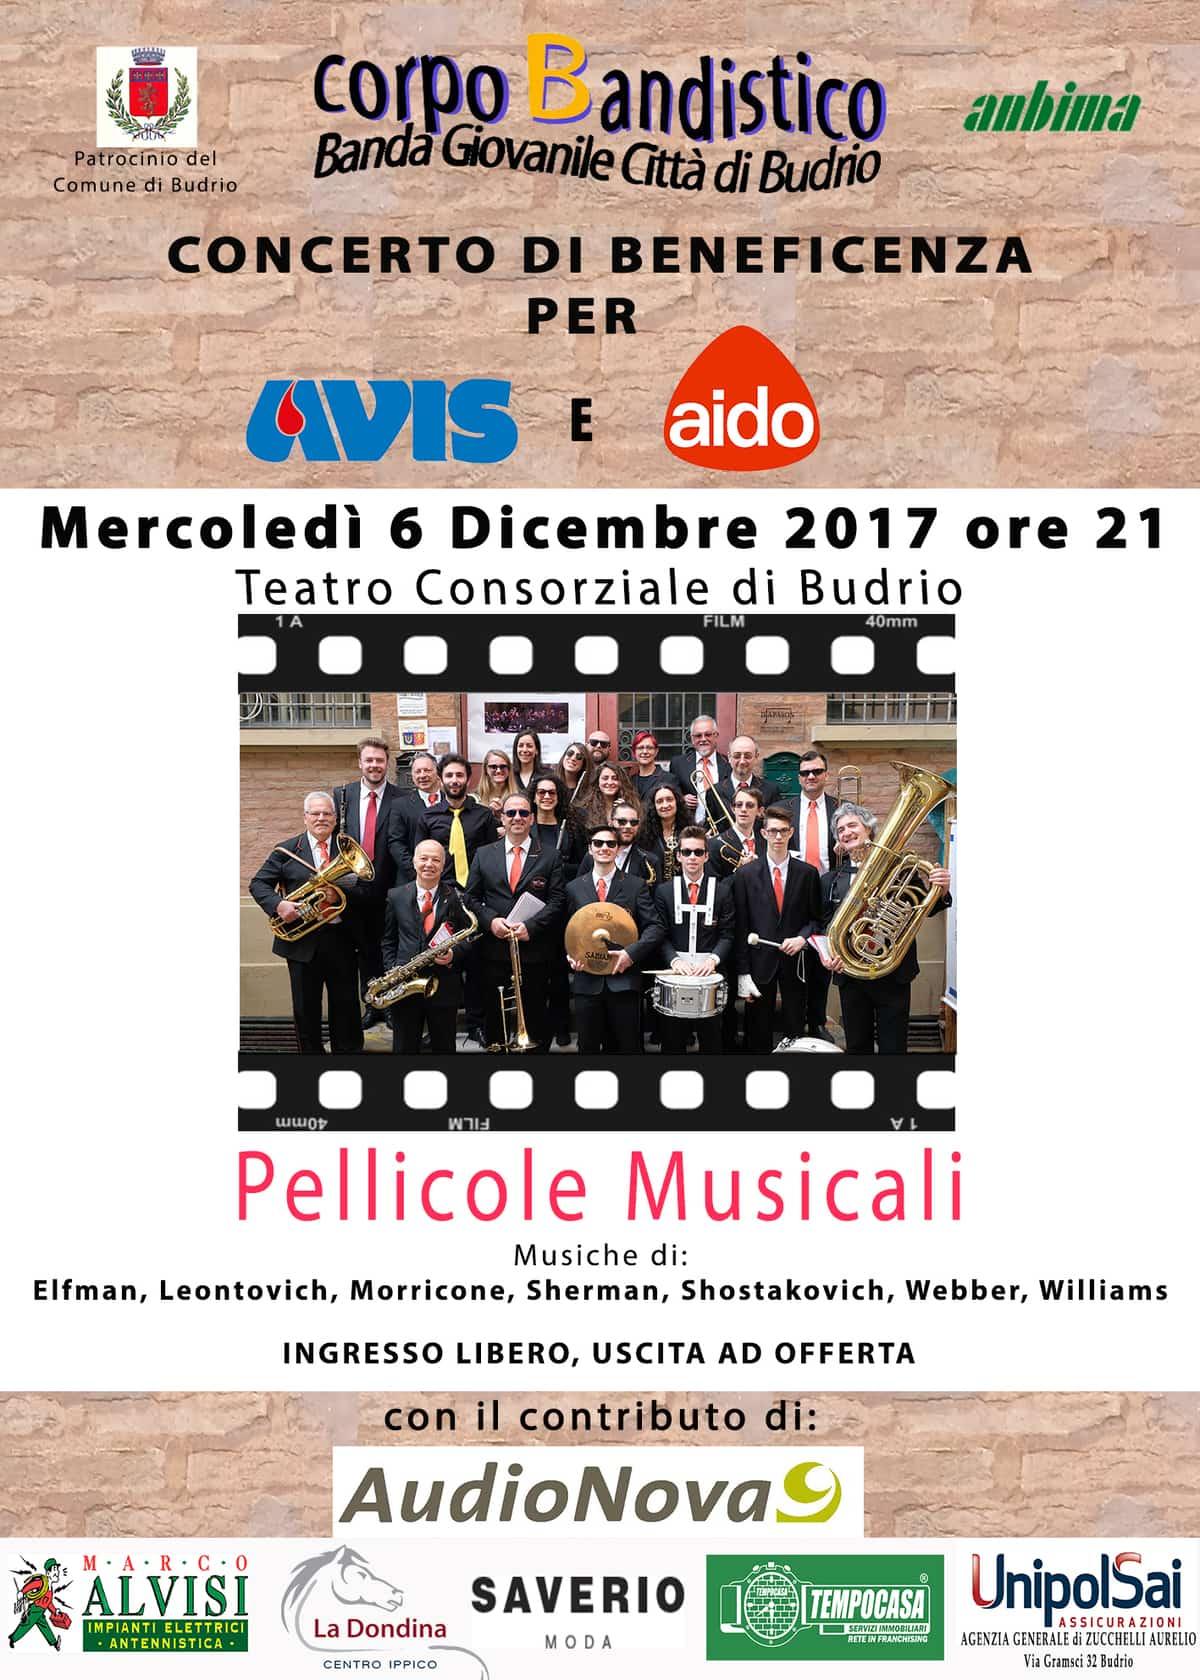 Concerto di beneficenza a Budrio per Avis e Aido @ Teatro Consorziale Budrio | Budrio | Emilia-Romagna | Italia